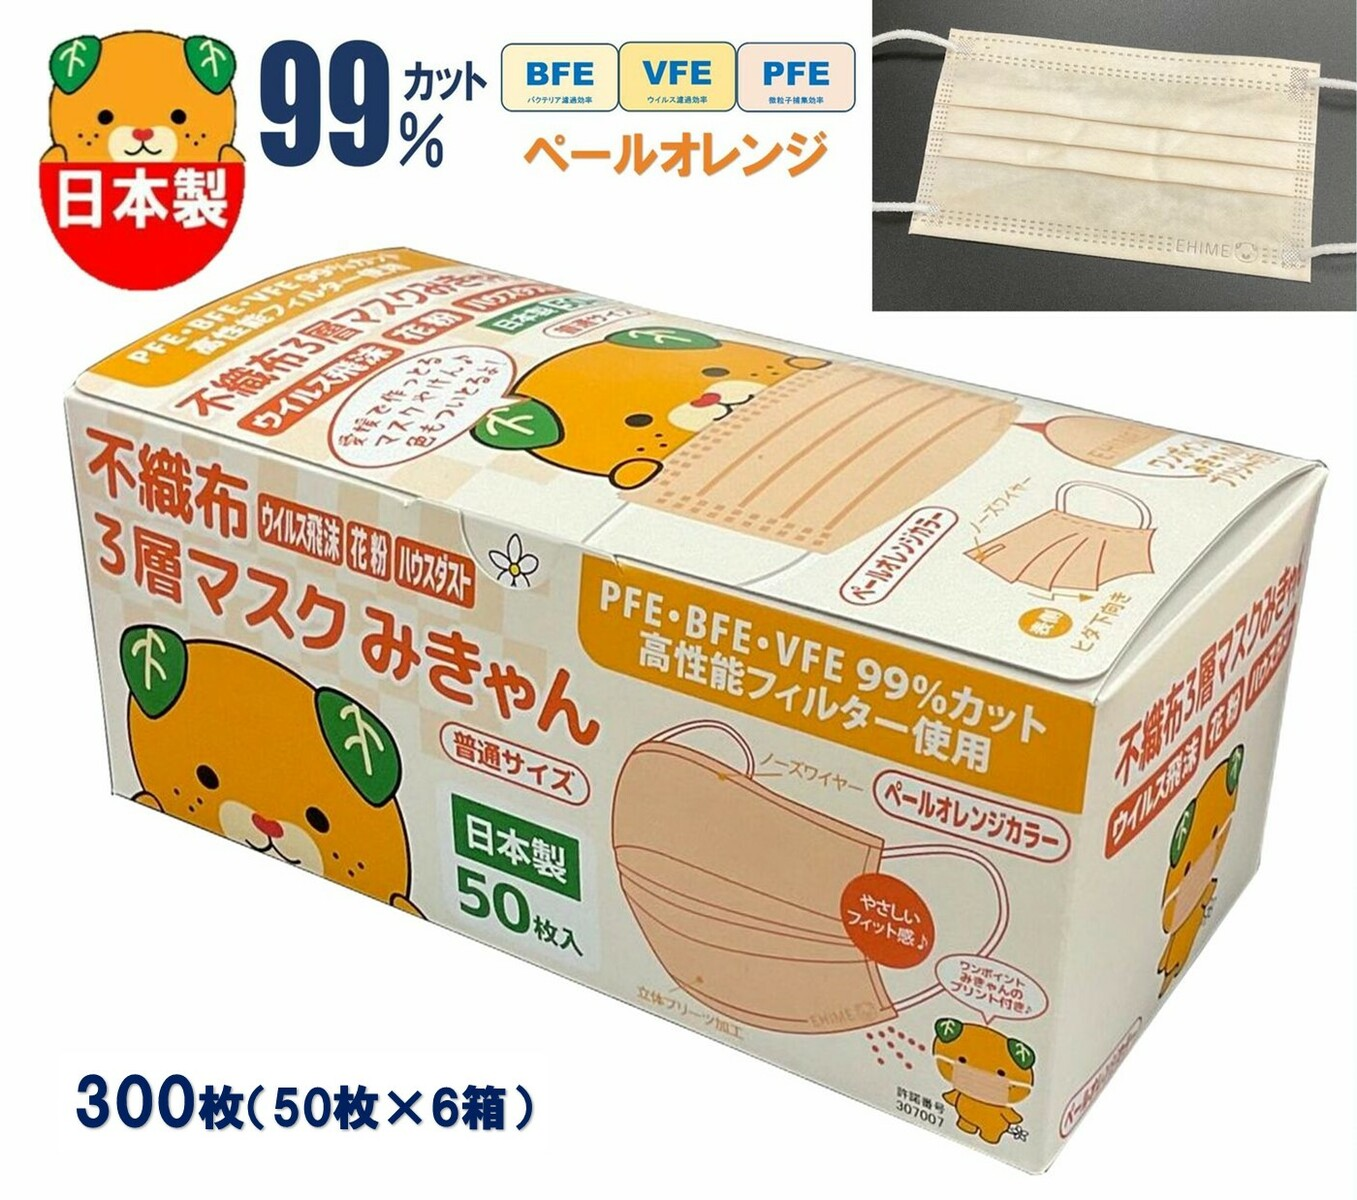 可愛い愛媛県のマスコットキャラクター 全店販売中 みきゃんマスクにペールオレンジ ベージュ 登場 お肌に馴染み 血色が良く見える 安心の日本製 使い切り不織布マスク 6箱セット みきゃん ペールオレンジ 買収 300枚 不織布マスク カラー ワンポイント ロゴ 可愛い 日本製 耳が痛くならない 呼吸しやすい 99%カット 日本産 キャラクター 使い捨てマスク 国産マスク 不織布 3層フィルター プリーツ 立体 日本製マスク 50枚×6箱 高機能 快適フィット